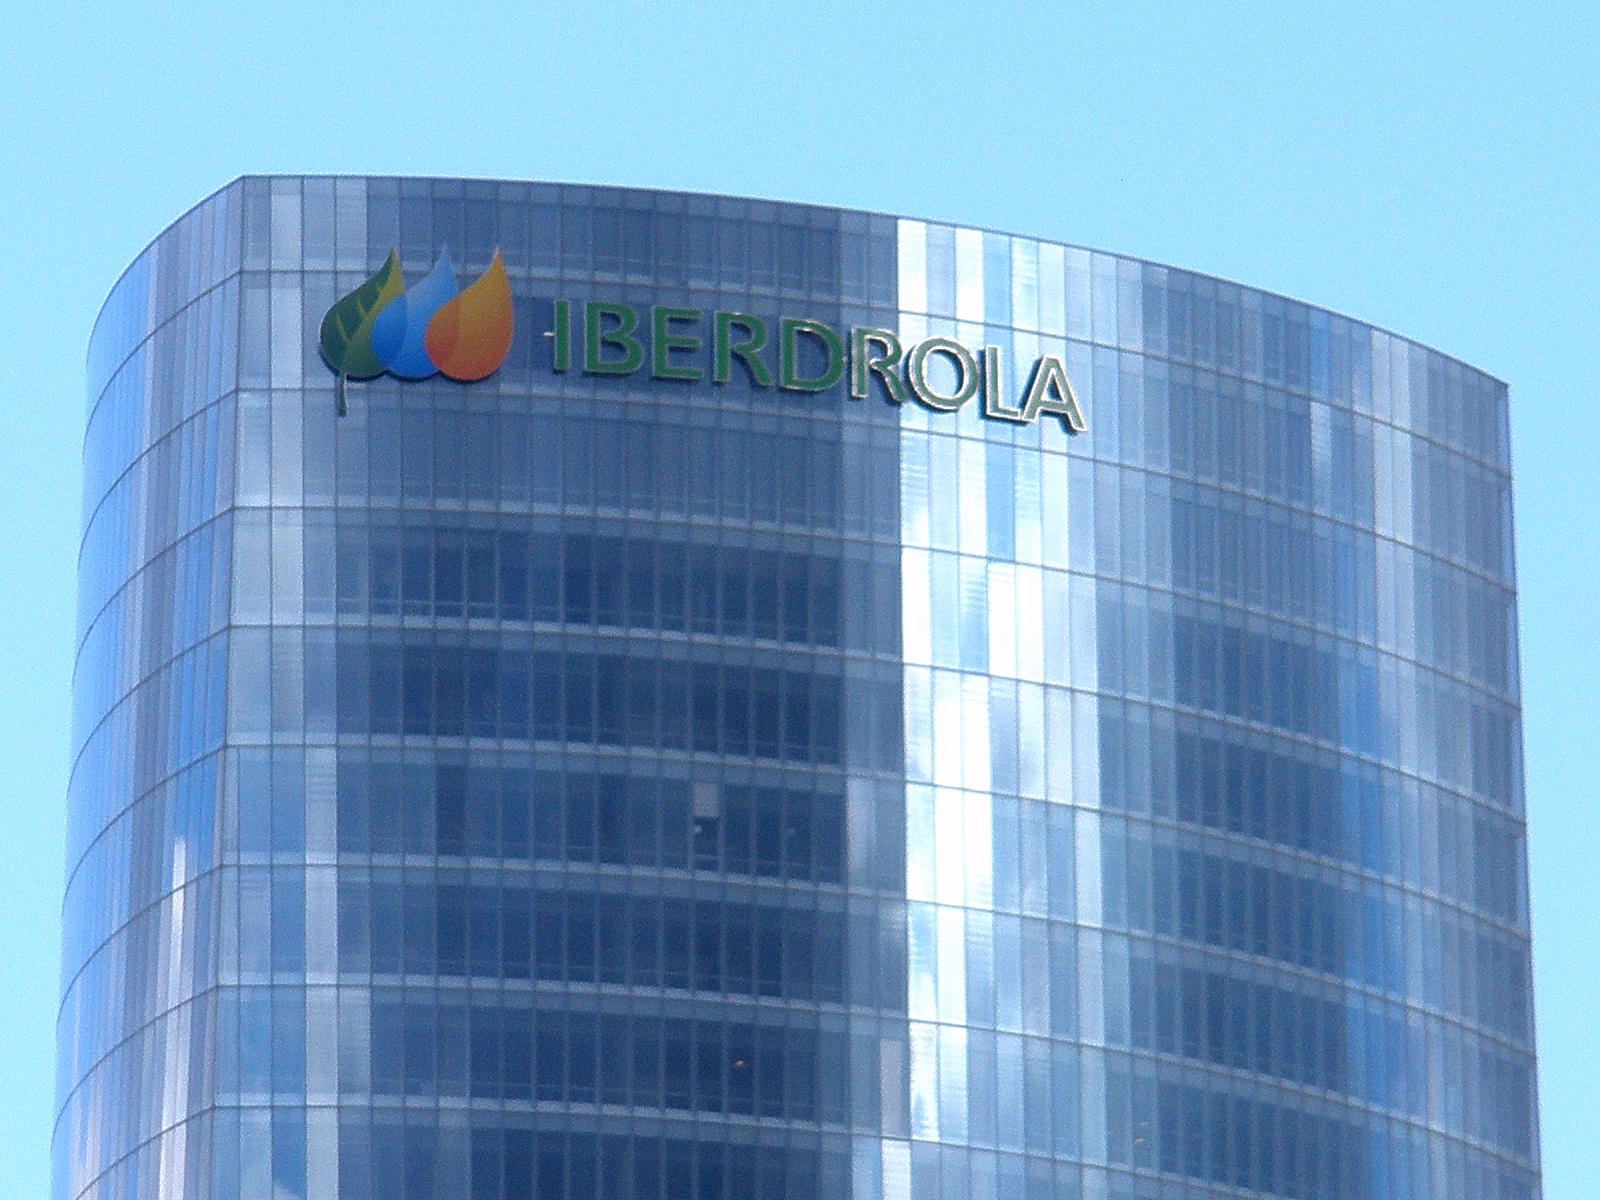 Iberdrola entra en Australia con un proyecto híbrido